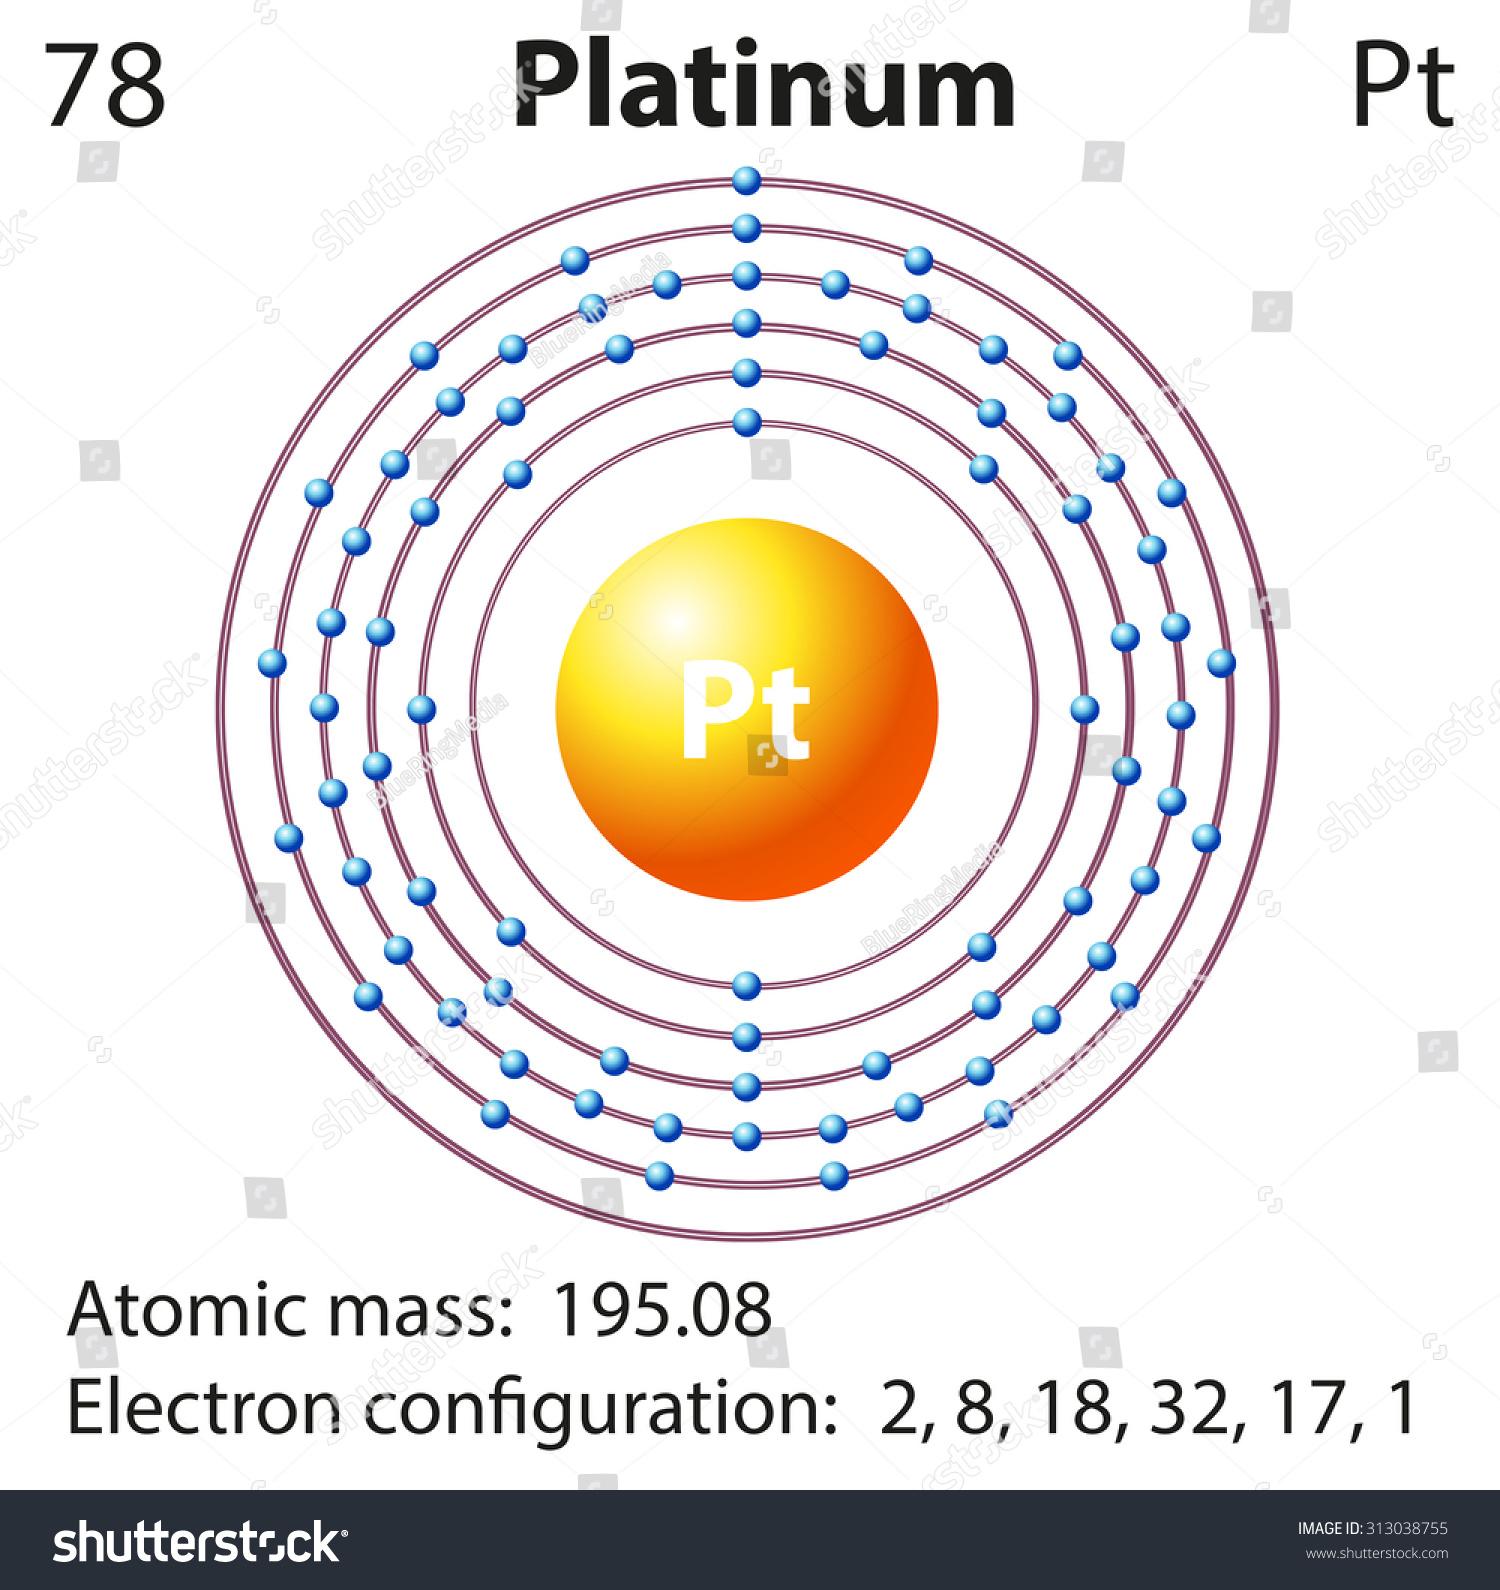 Platinum element diagram data wiring diagrams diagram representation element platinum illustration stock vector rh shutterstock com platinum electron configuration platinum atom model ccuart Image collections